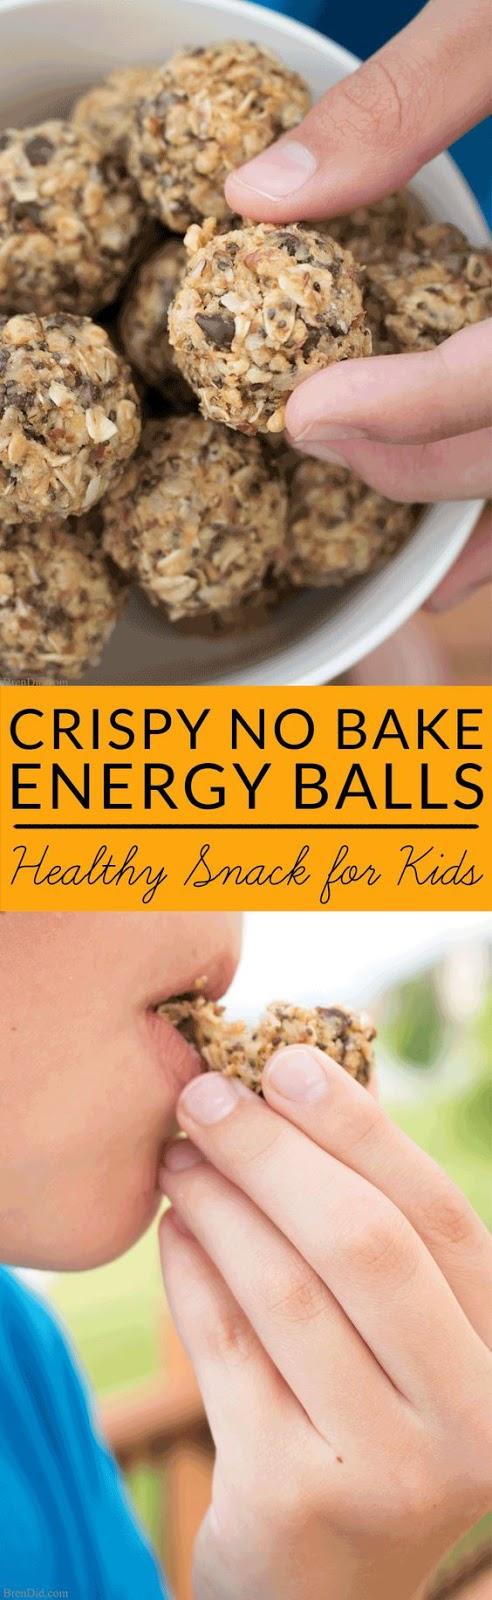 CRISPY NO BAKE ENERGY BALLS FOR KIDS